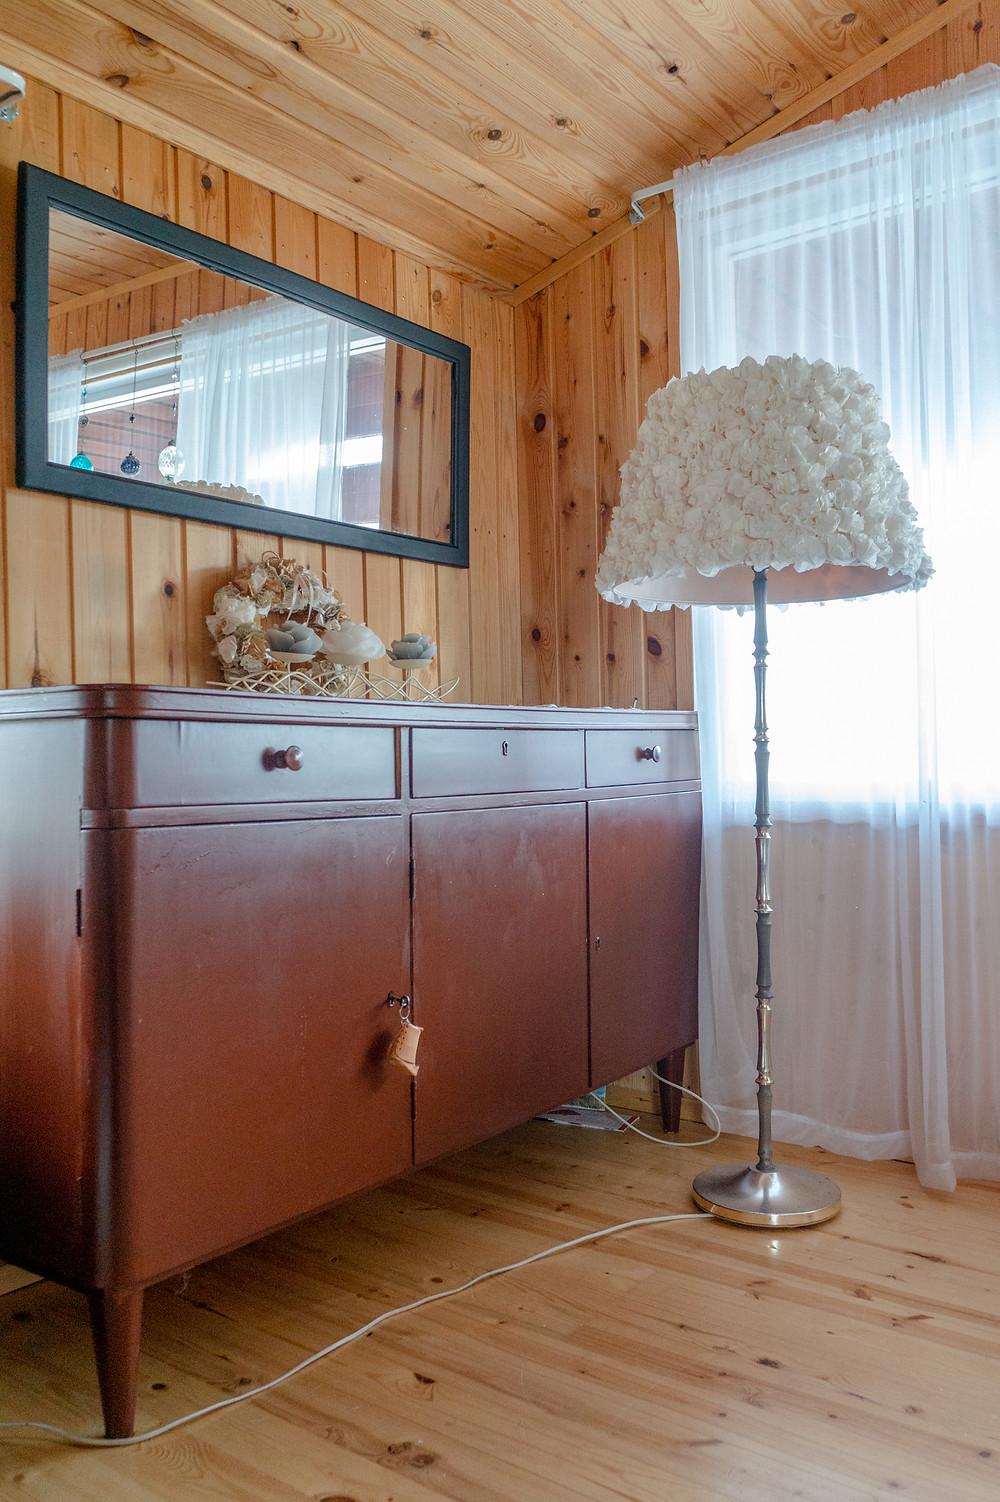 Ikivanha senkki tuli aikoinaan talon mukana. Vanha peili on maalattu sopiakseen paremmin sisustukseen. Kynttiläkoriste ja jalkalamppu kirpputorilta (varjostimen ruusut tehty itse suodatinpusseista; samoja ruusuja on kranssissa).